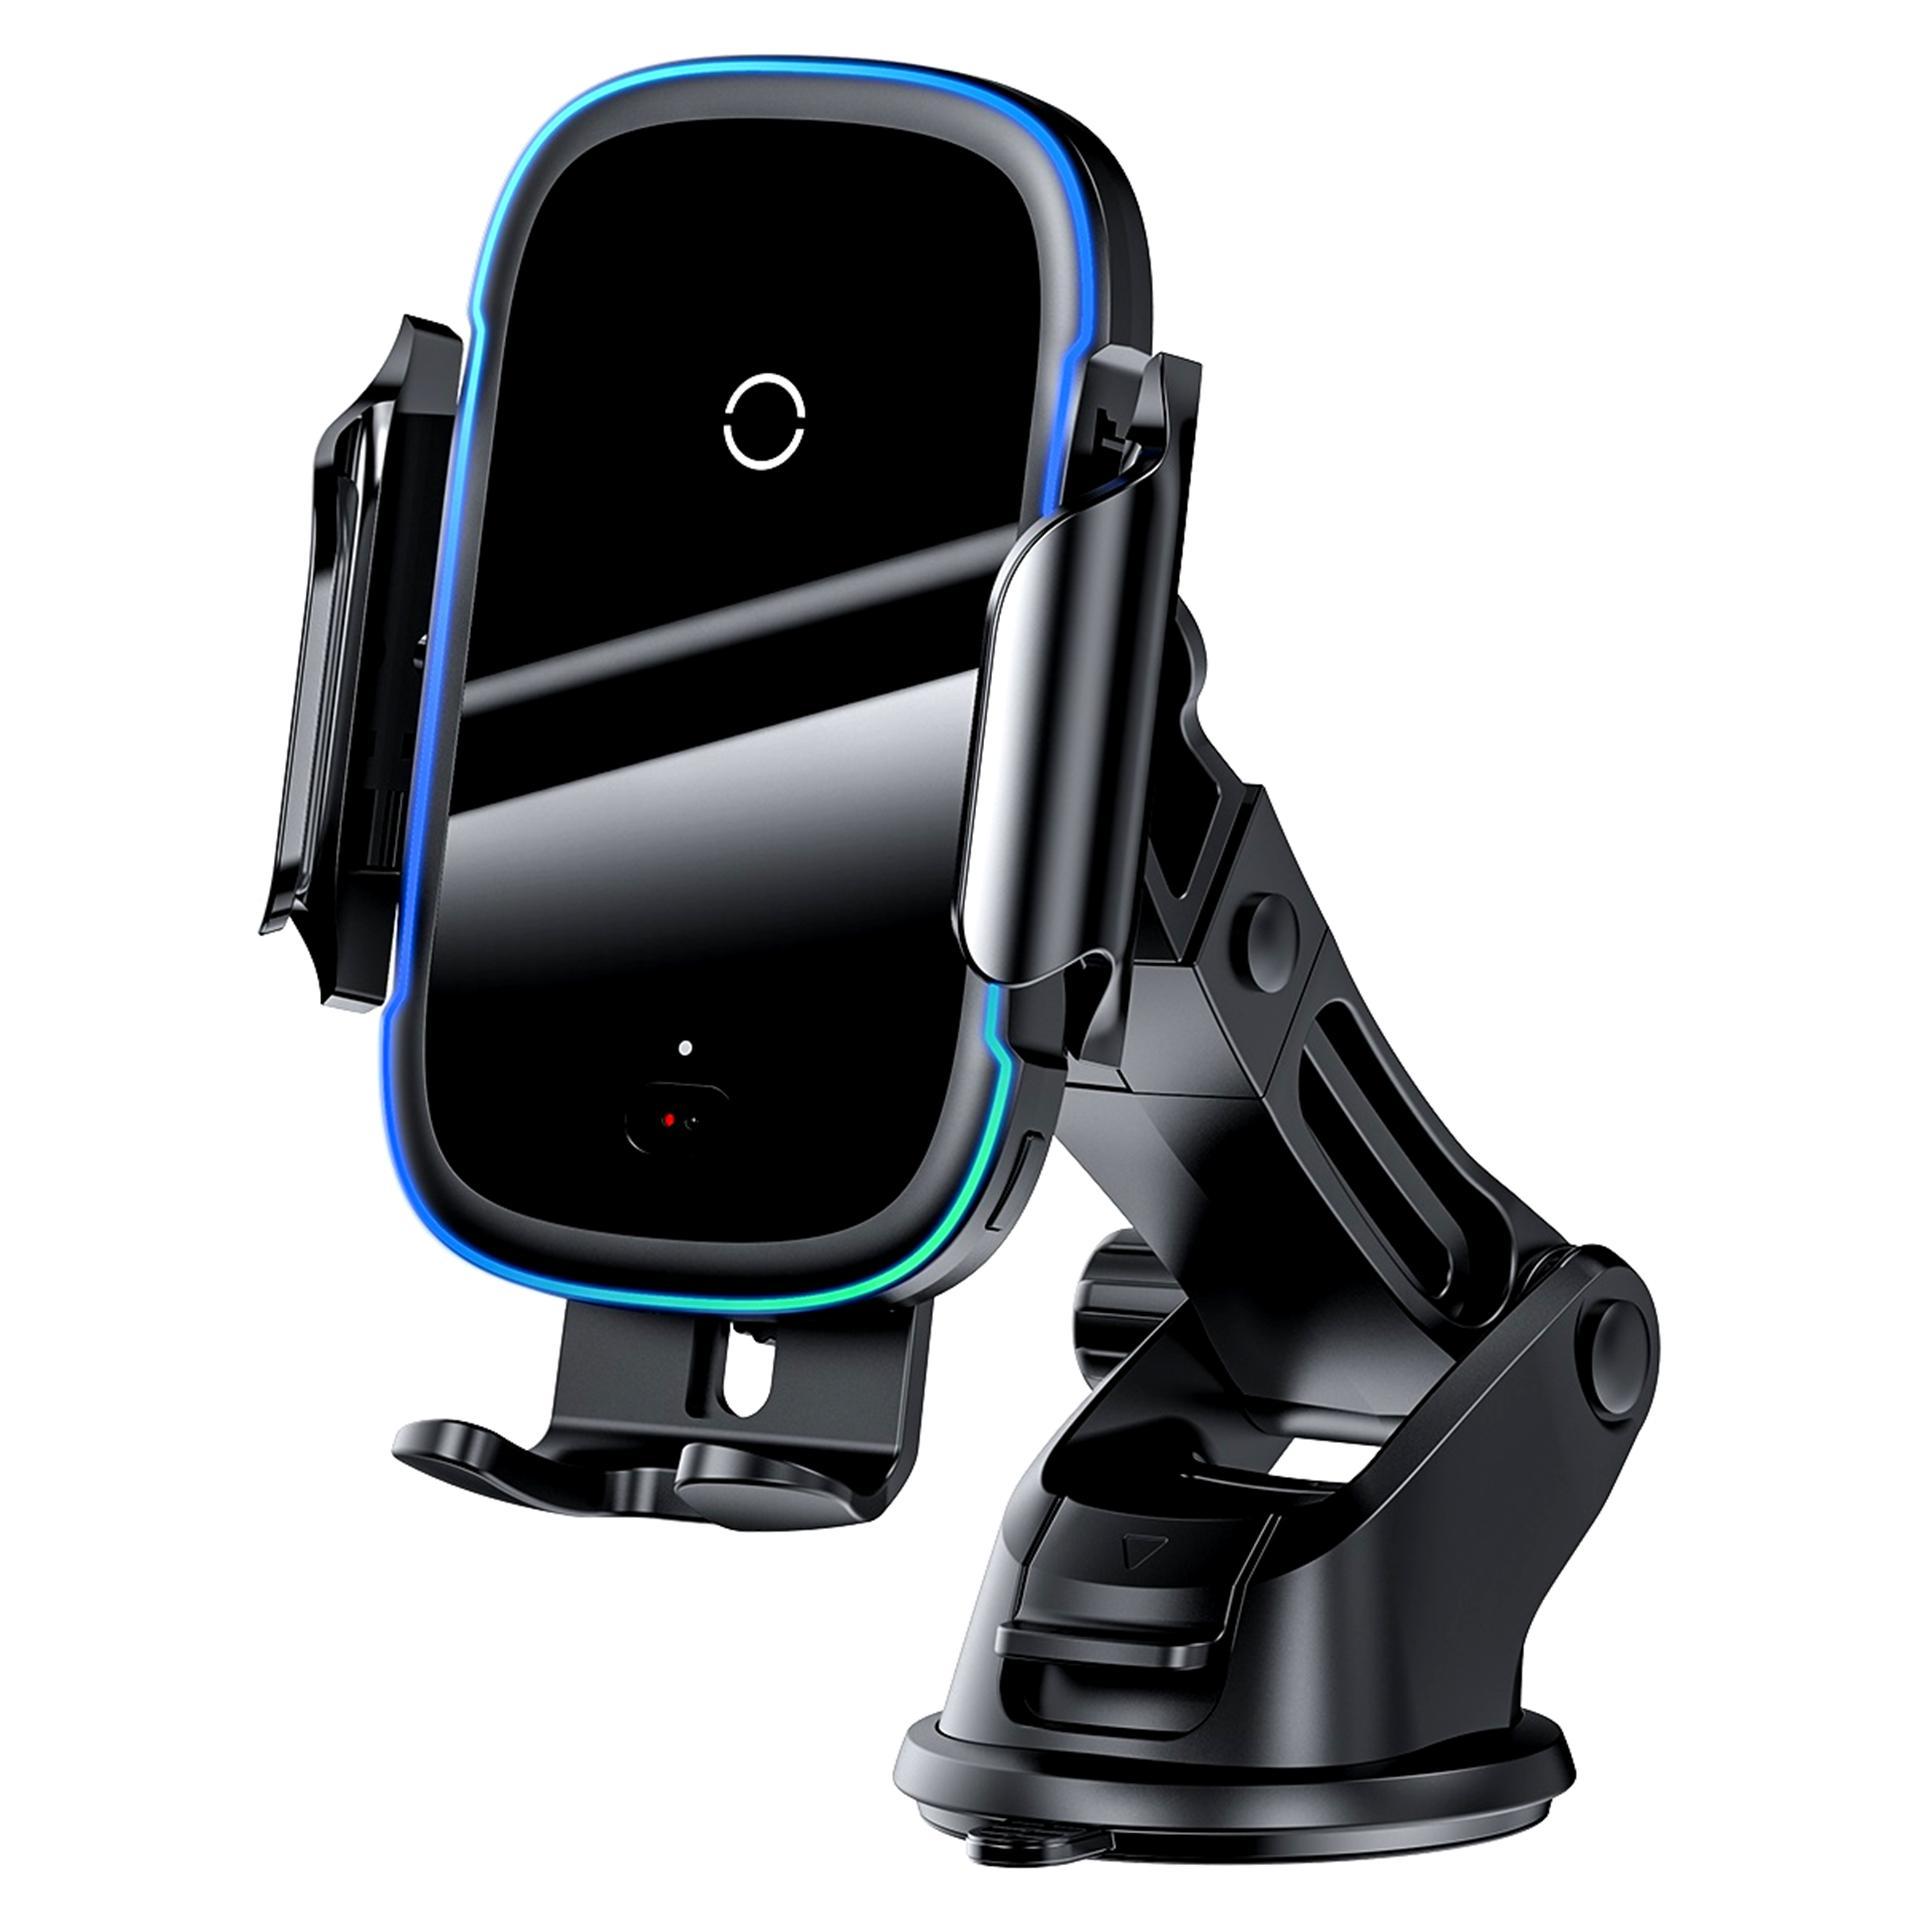 پایه نگهدارنده و شارژر بی سیم گوشی موبایل باسئوس مدل WXHW03